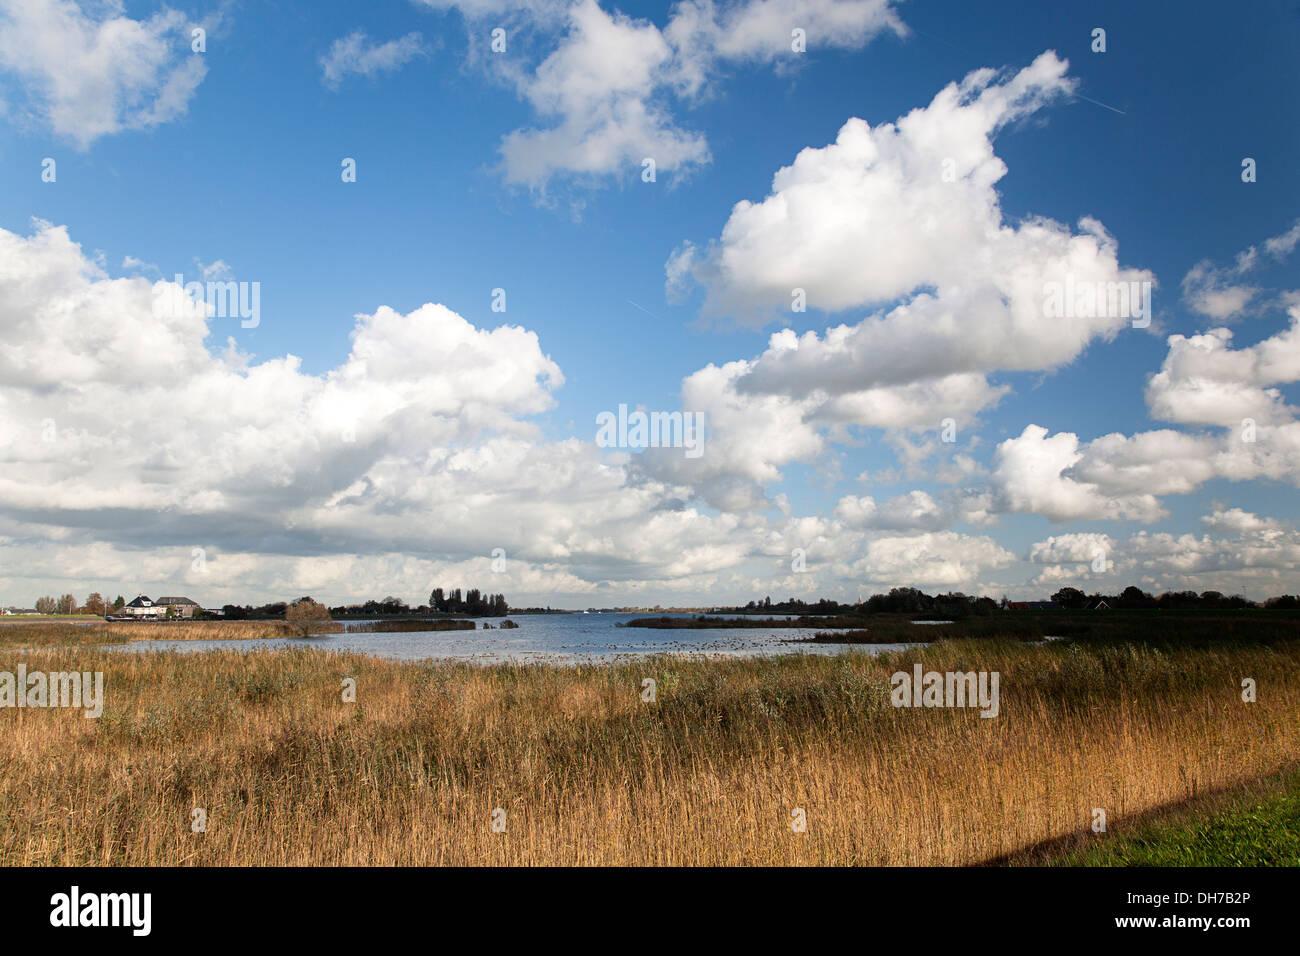 Foreland of Dutch river Lek, Nieuw-Lekkerland, South Holland, Netherlands - Stock Image